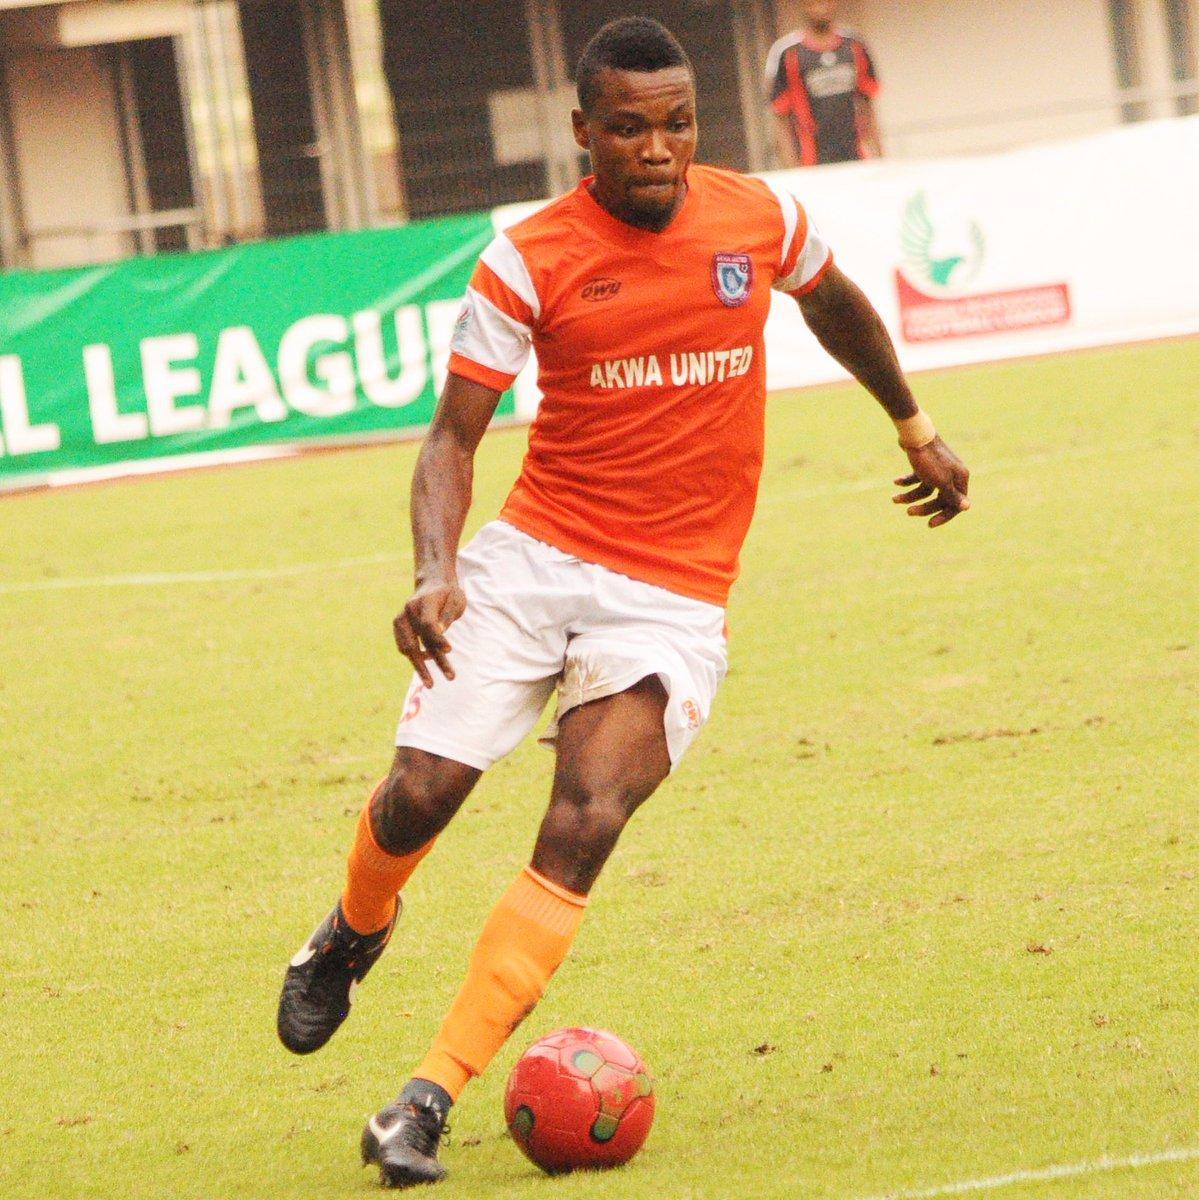 Ariwachukwu Named Akwa United's Vice Captain